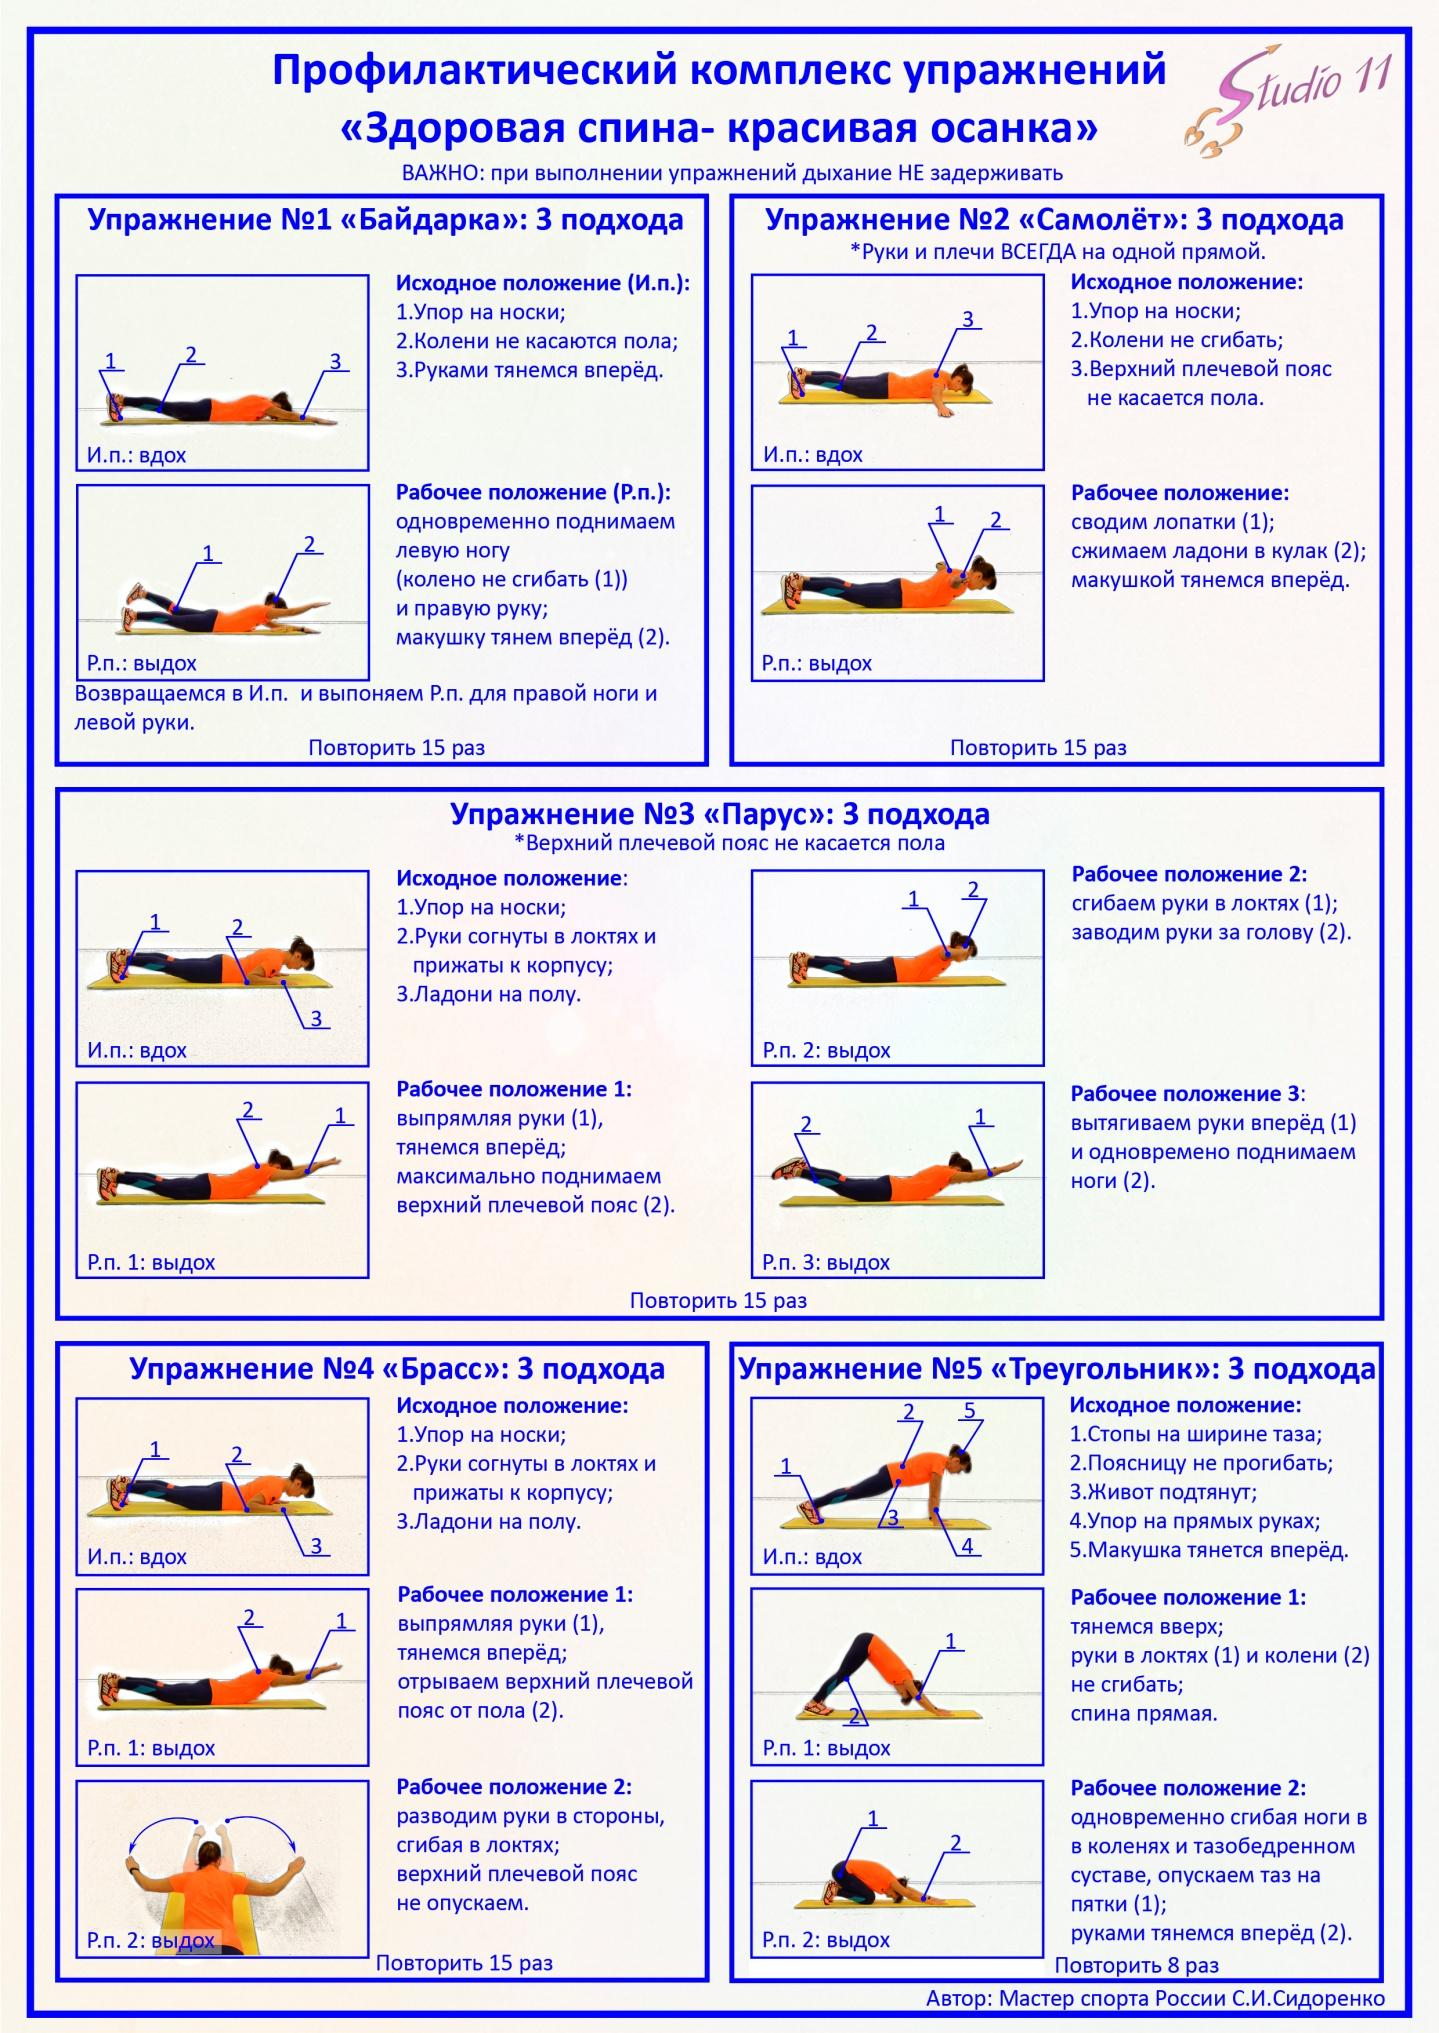 Гимнастика для шеи по доктору шишонину — полный комплекс упражнений